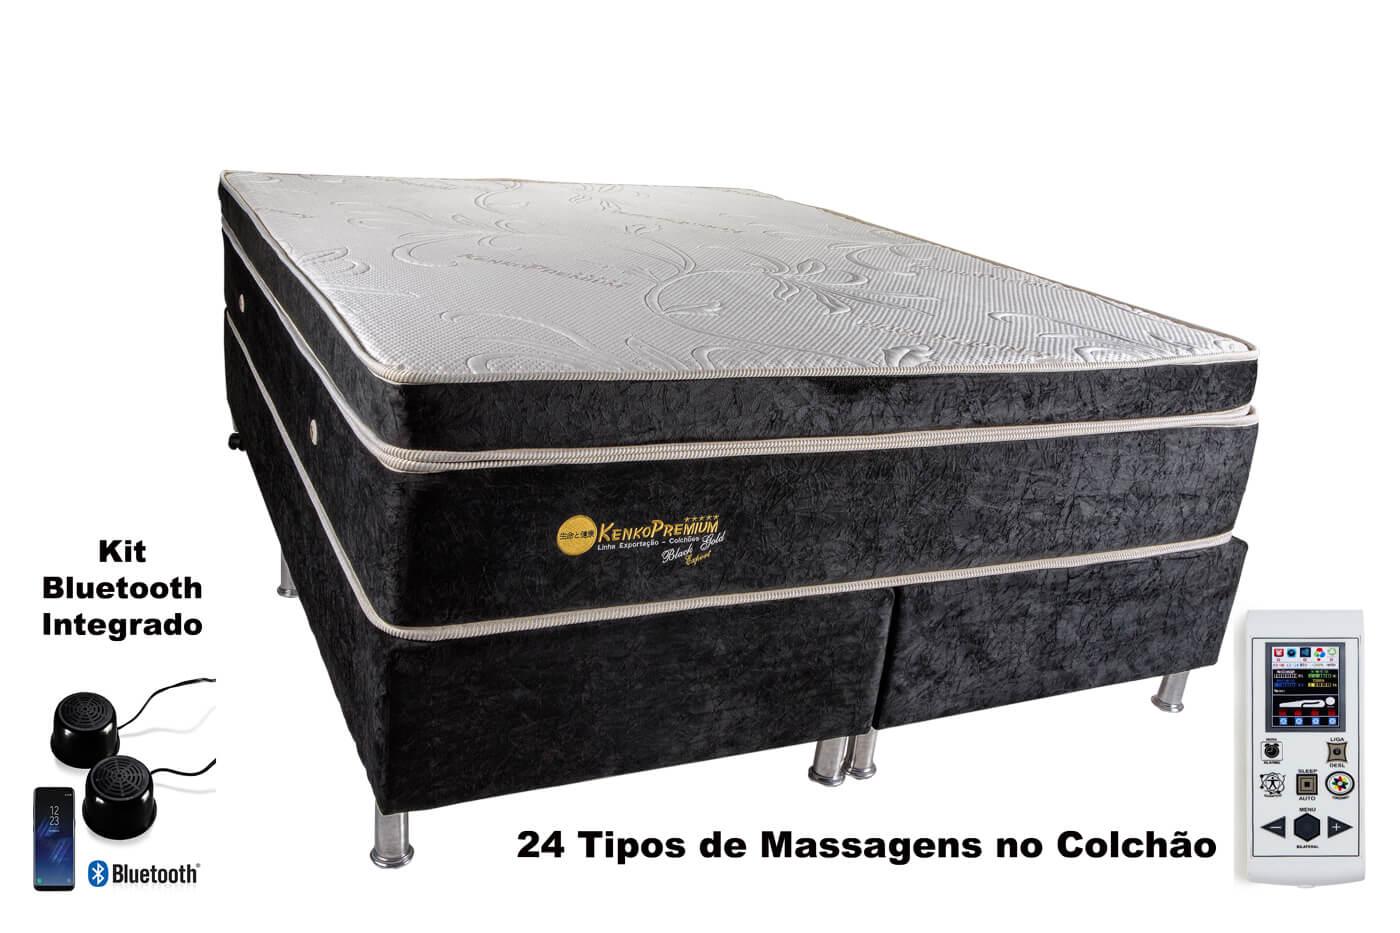 Colchão Magnético Kenko Premium Gold Exportação Massagem Eletrônica + Bioquãntica  - Kenko Premium Colchões